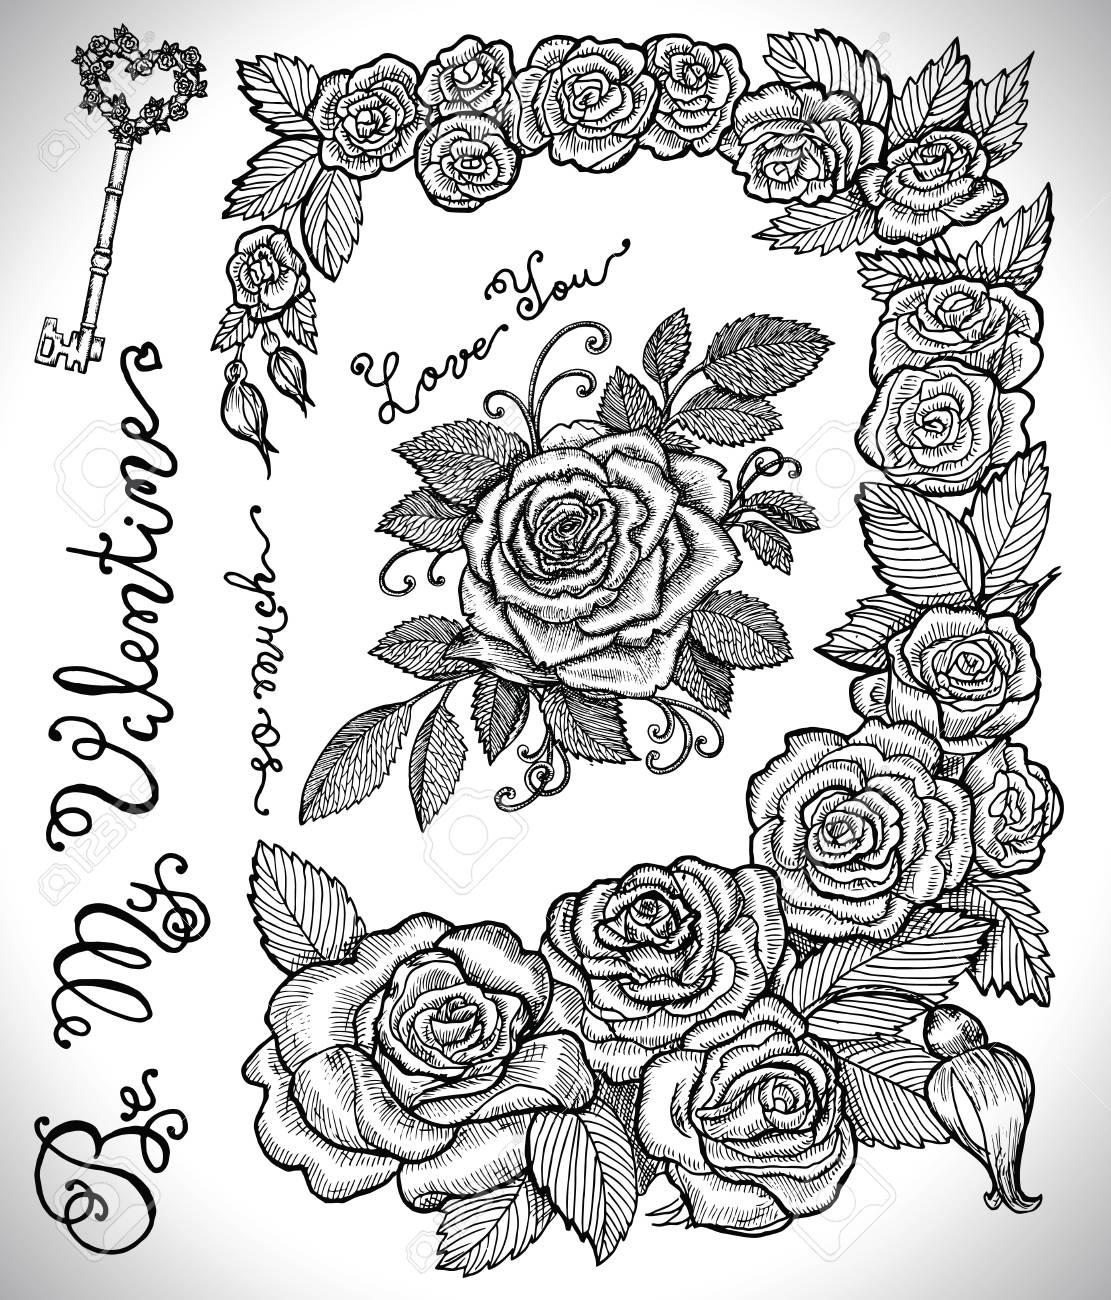 Diseño Conjunto Con Marco De Rosas Clave Letras Y Rosa Con Hojas Colección Gráfica Para Decoraciones Antiguas Tarjeta Mano Dibuja La Ilustración